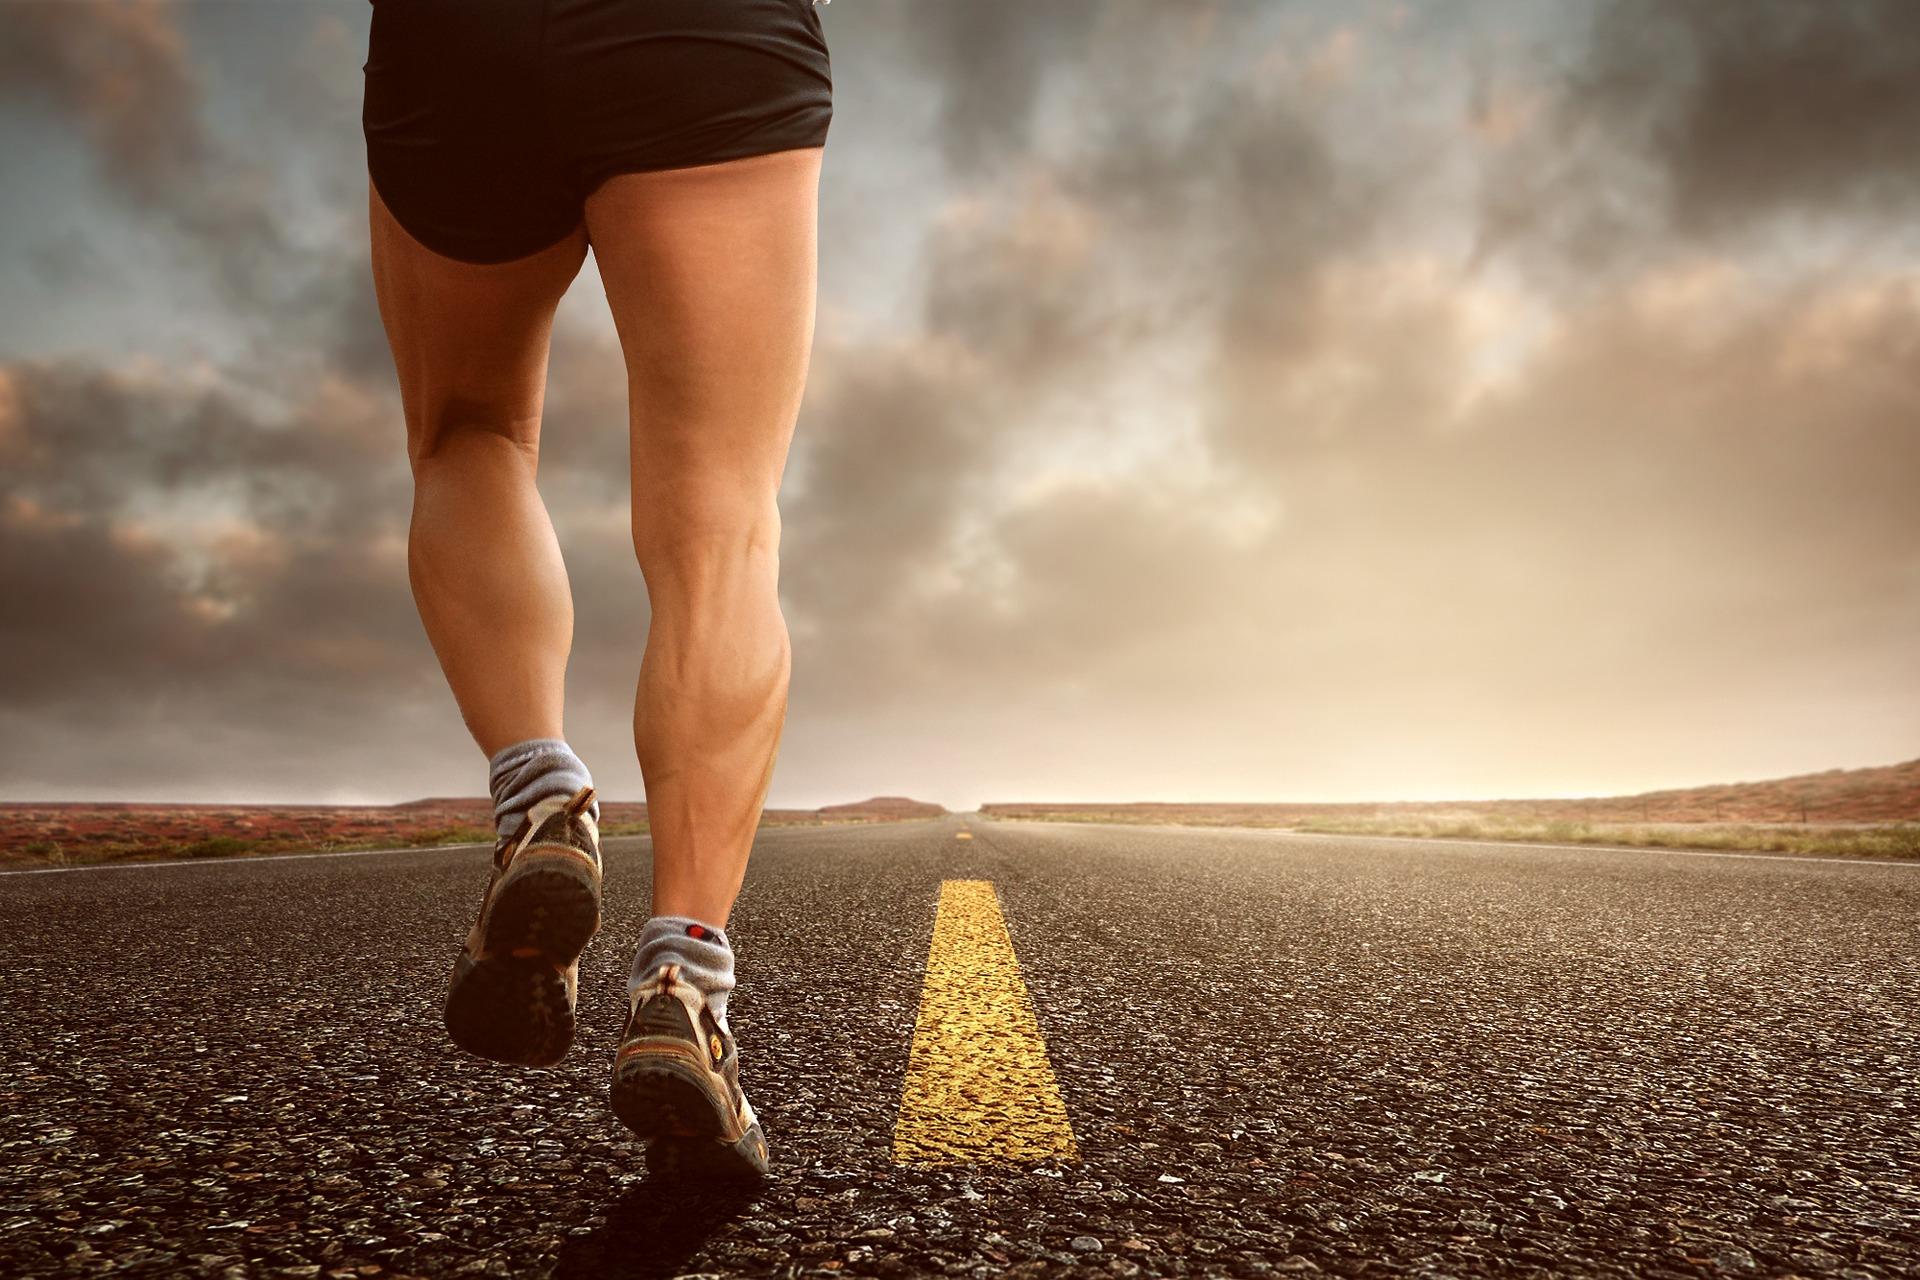 Jak neztratit vůli při cvičení?